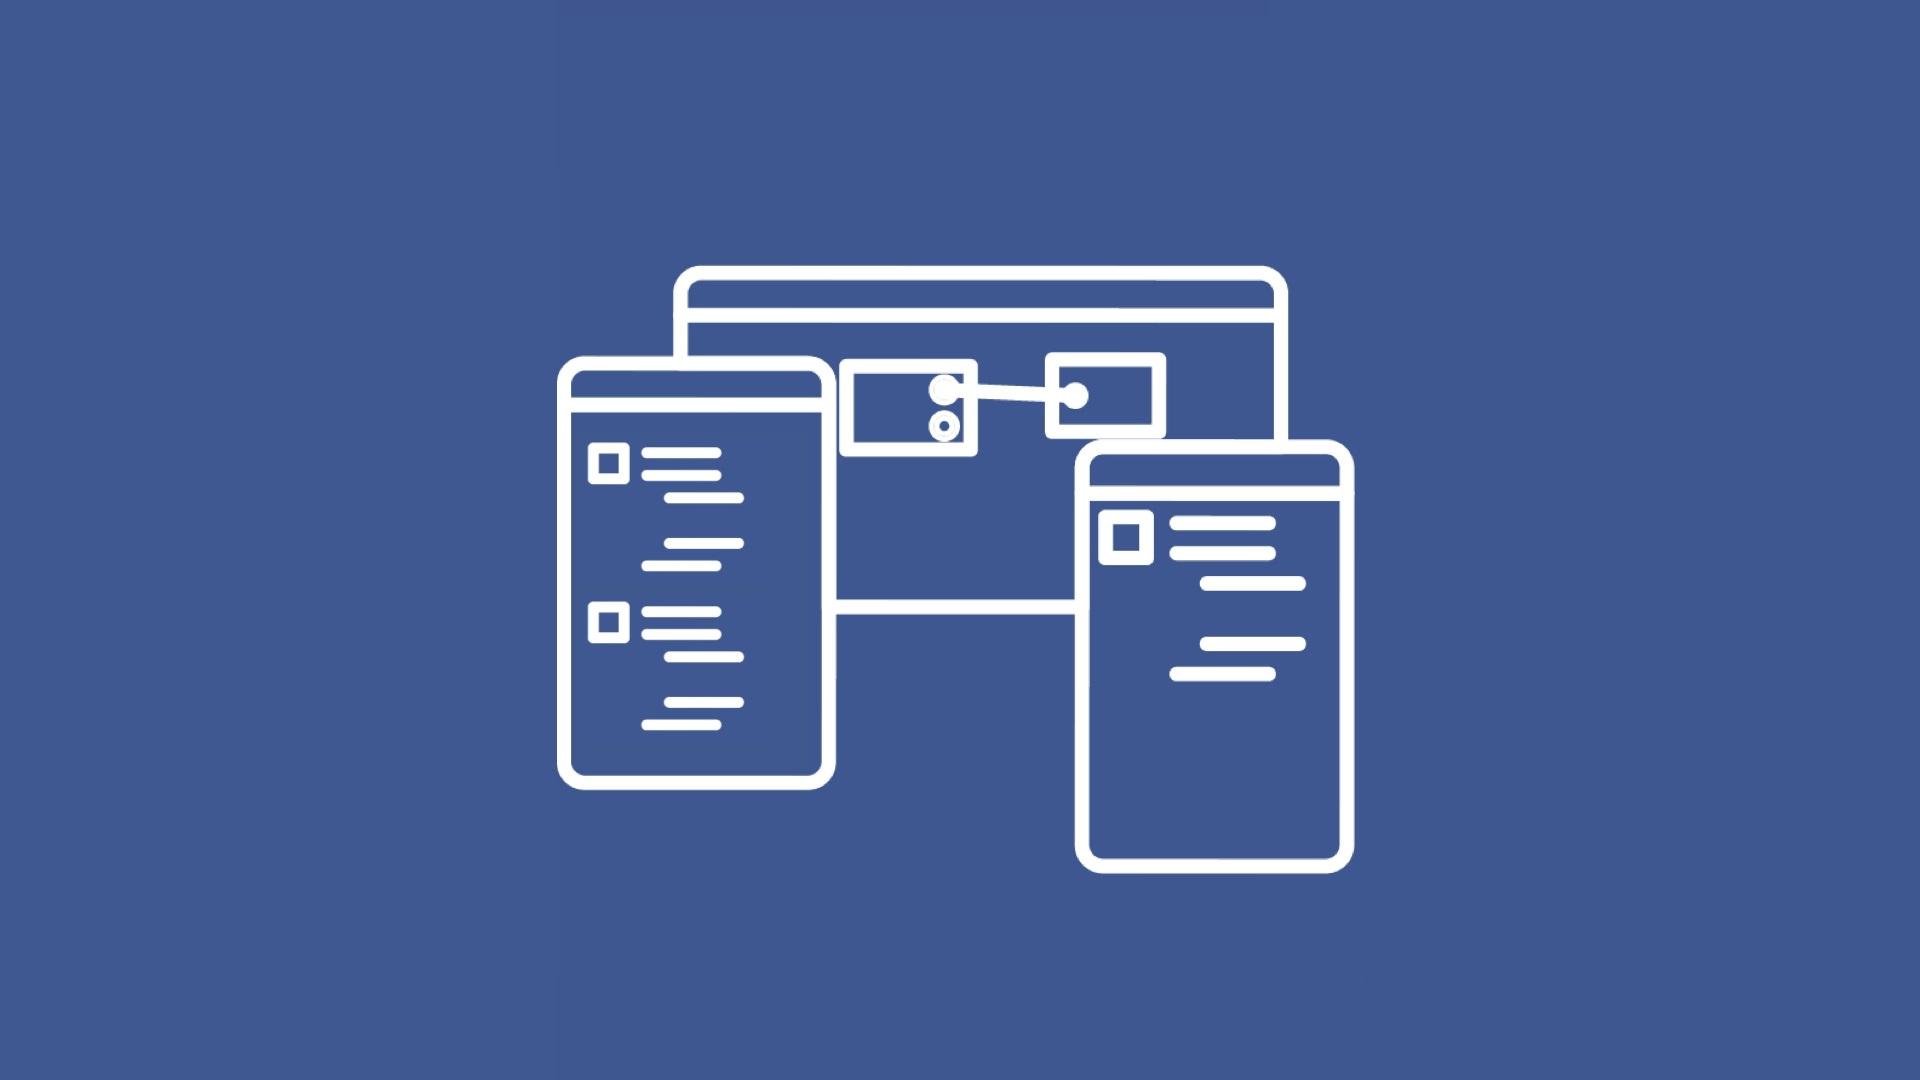 Comment vérifier quelles apps ont accès à vos données Facebook (et faire le ménage) ?